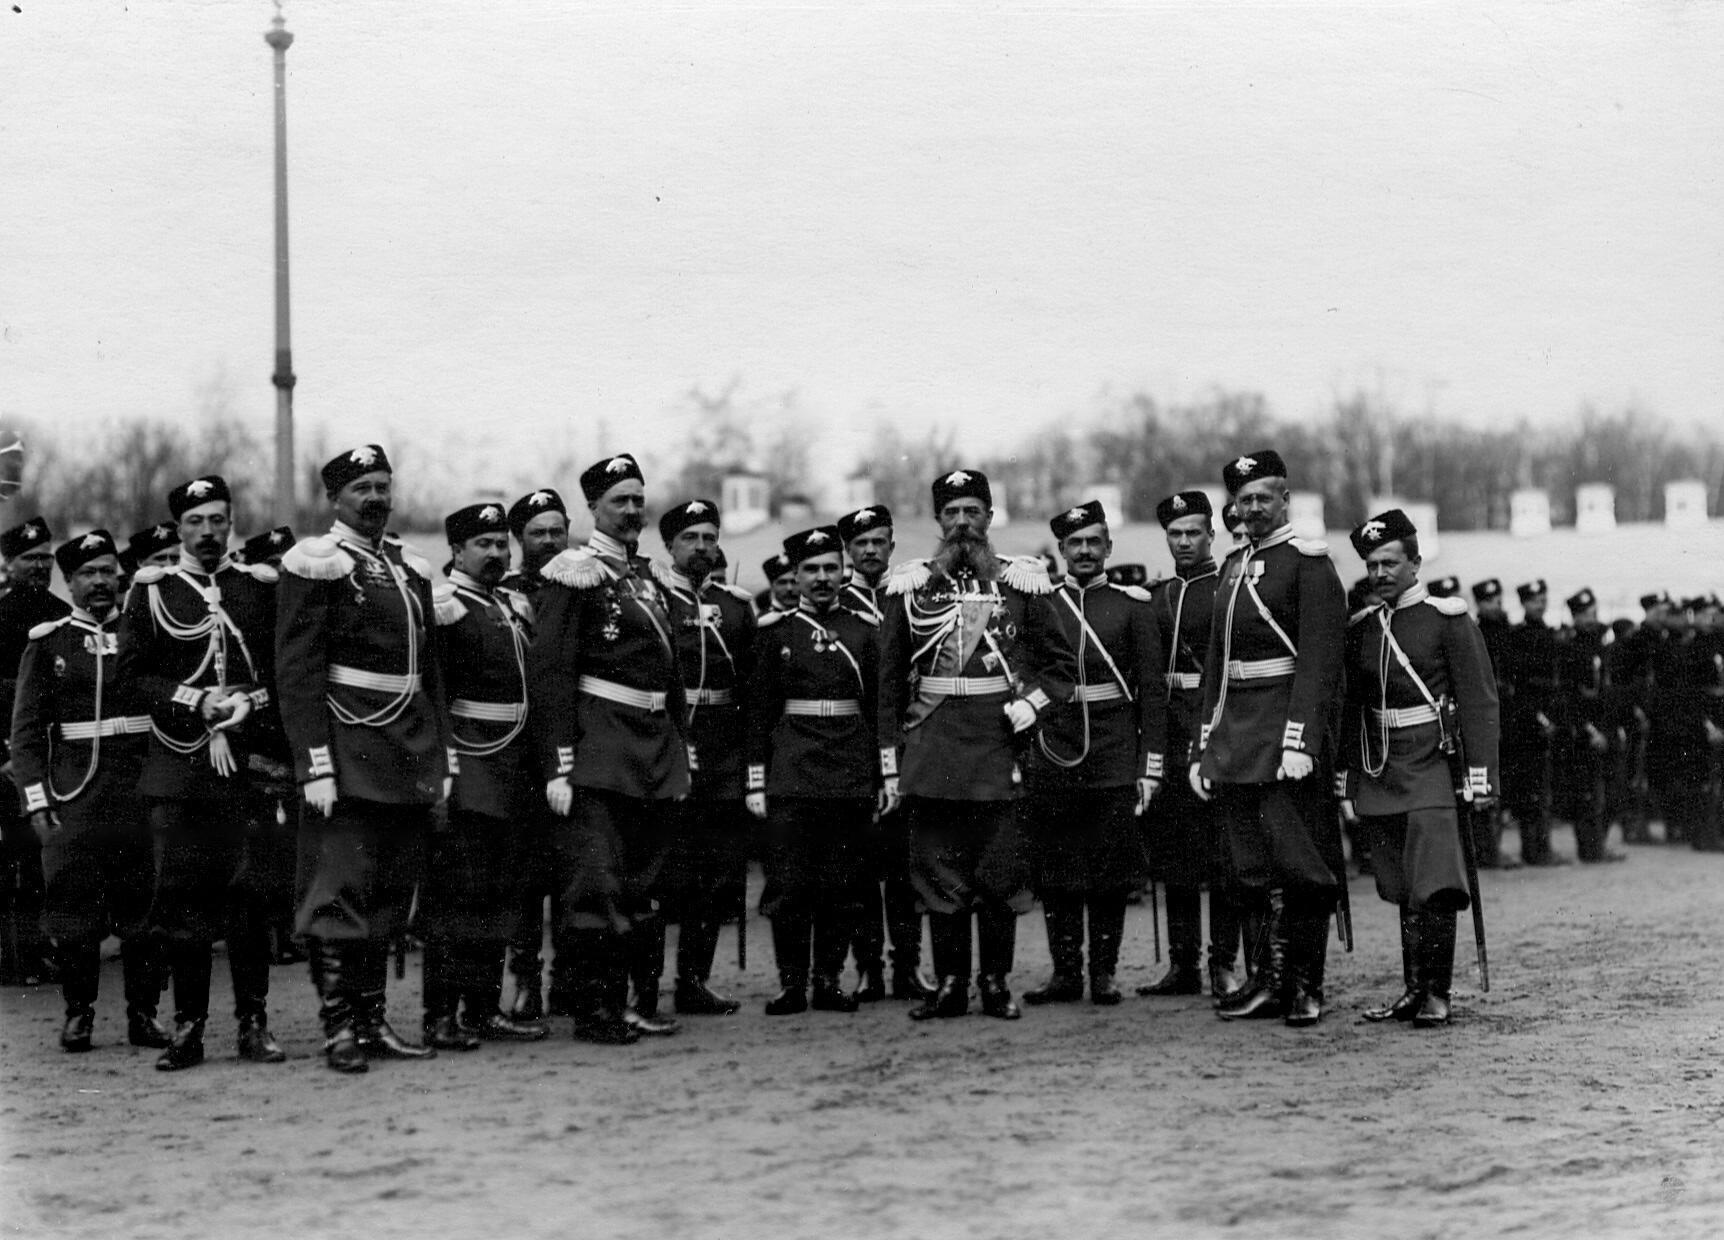 Командир и группа офицеров 2-го стрелкового Царскосельского батальона. 21 апреля 1905